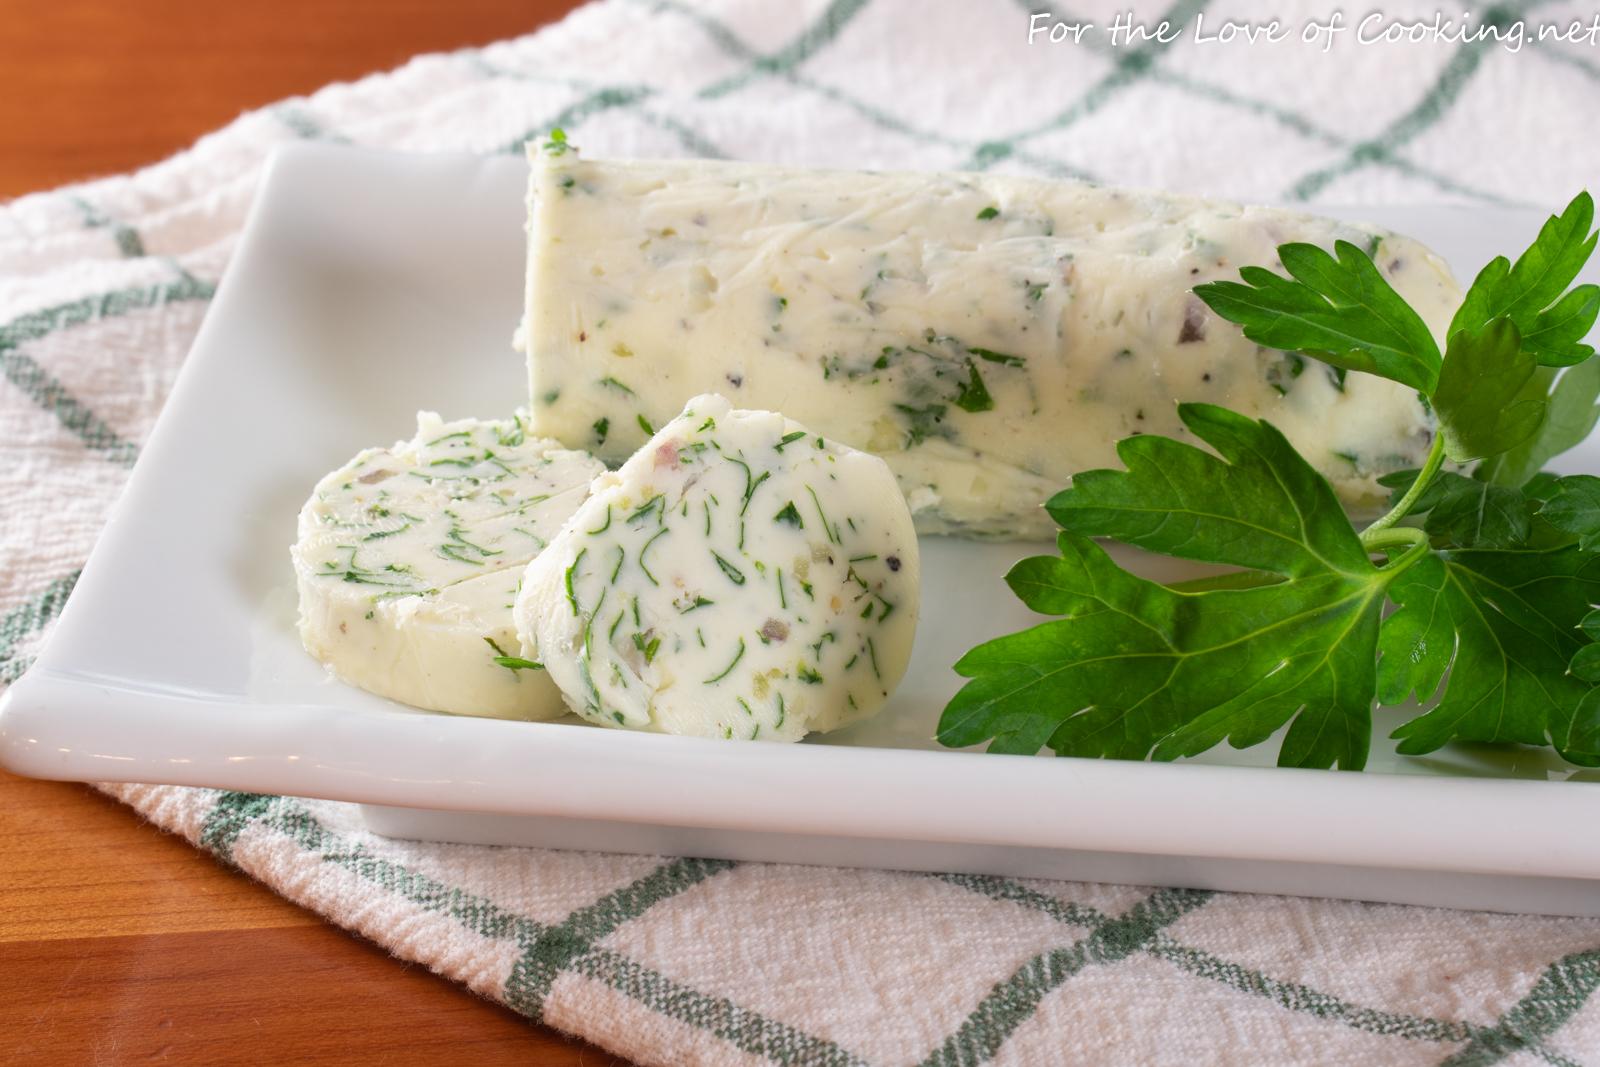 Garlic-Herb Compound Butter